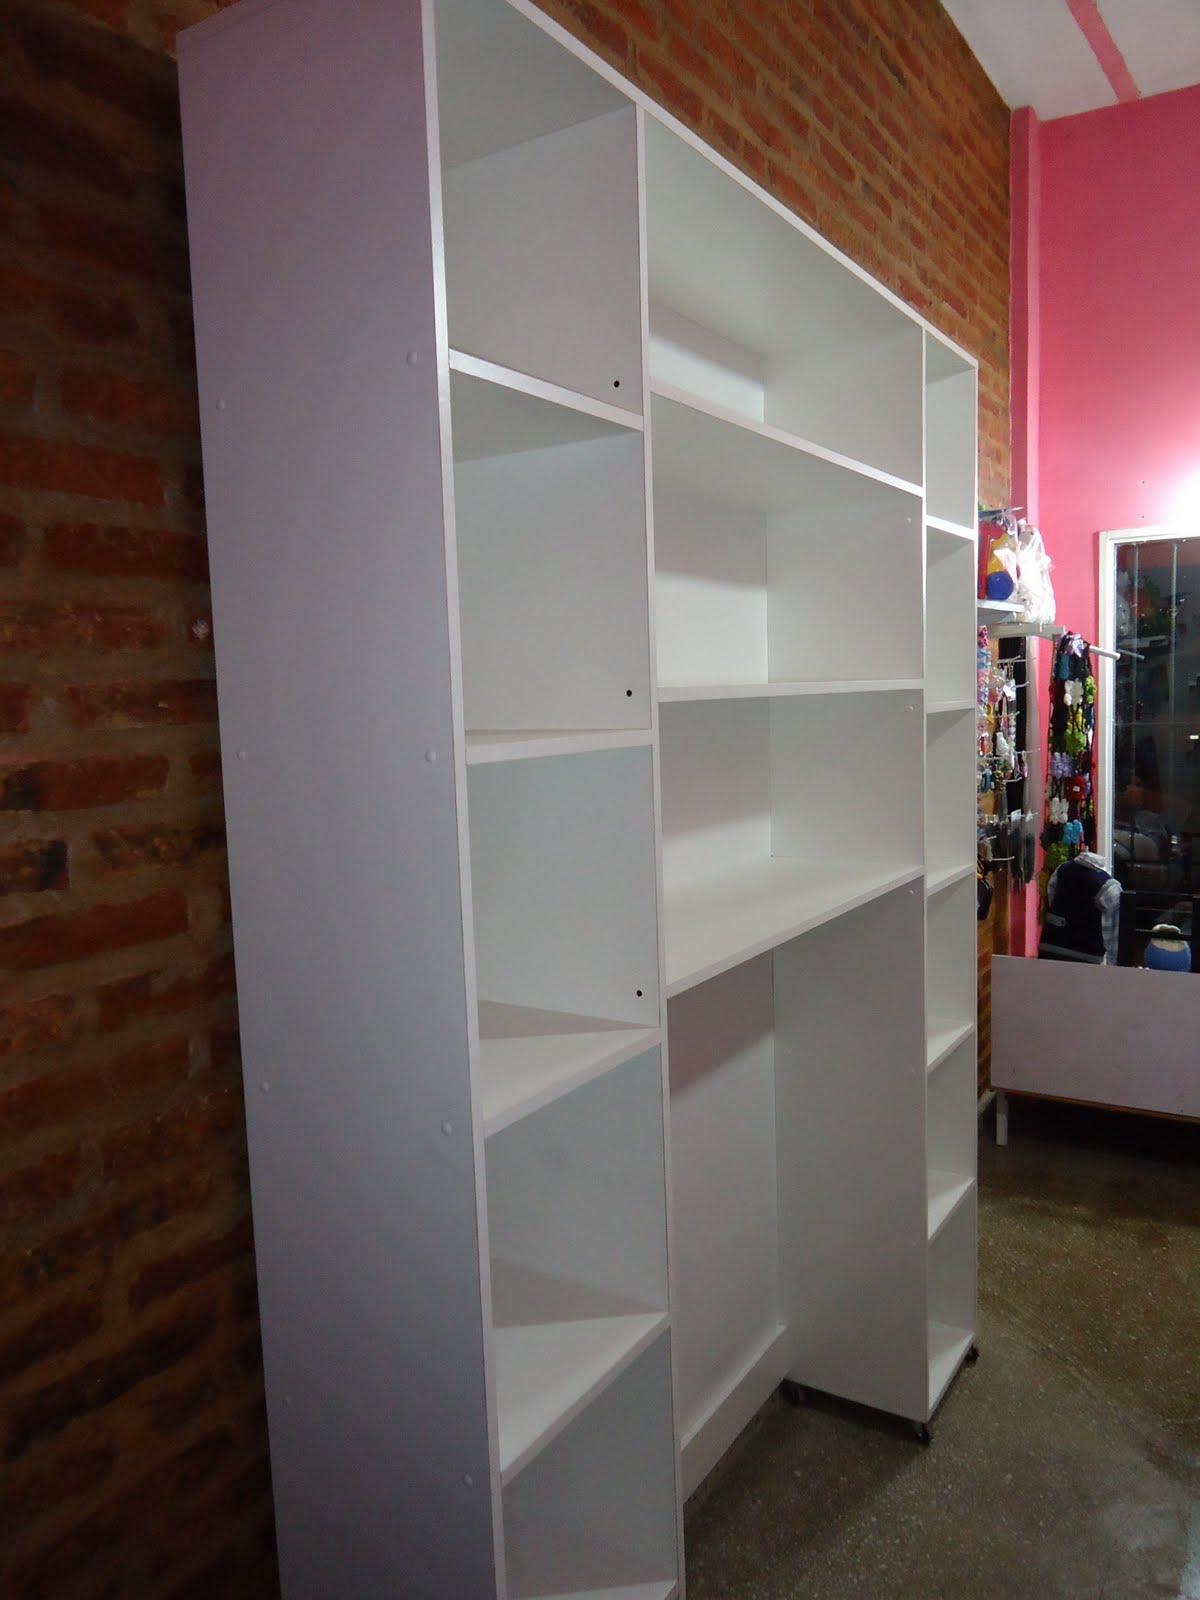 Muebles de madera para negocio de ropa for Muebles para negocio